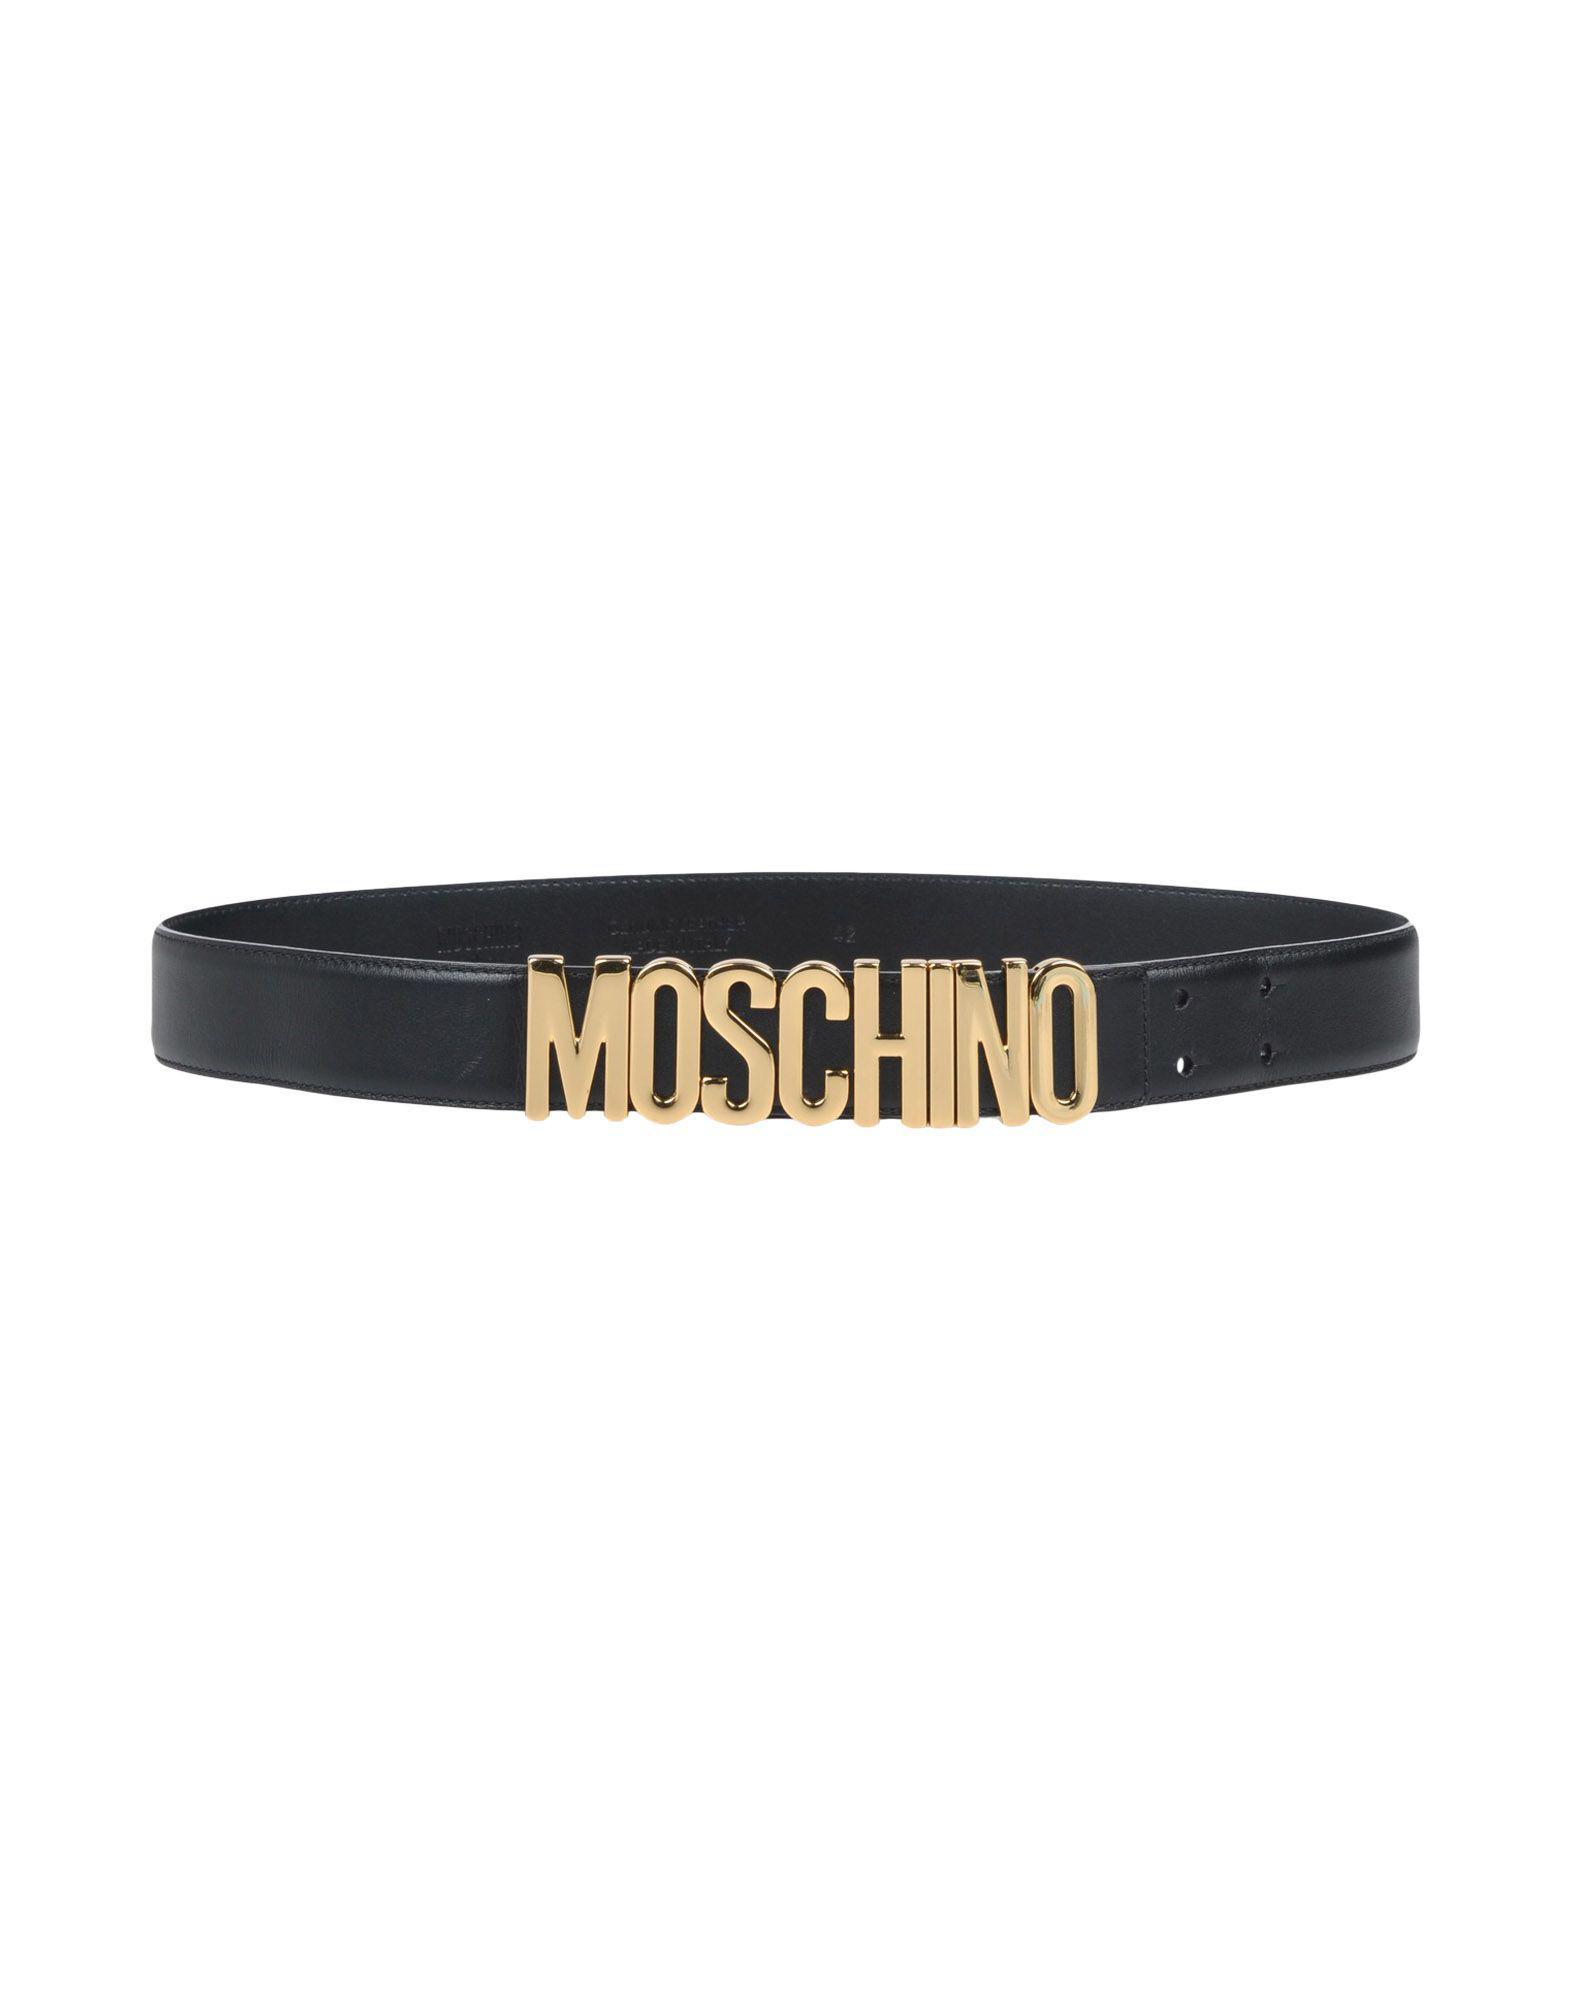 Lyst - Ceinture Moschino en coloris Noir e11bdb065a0